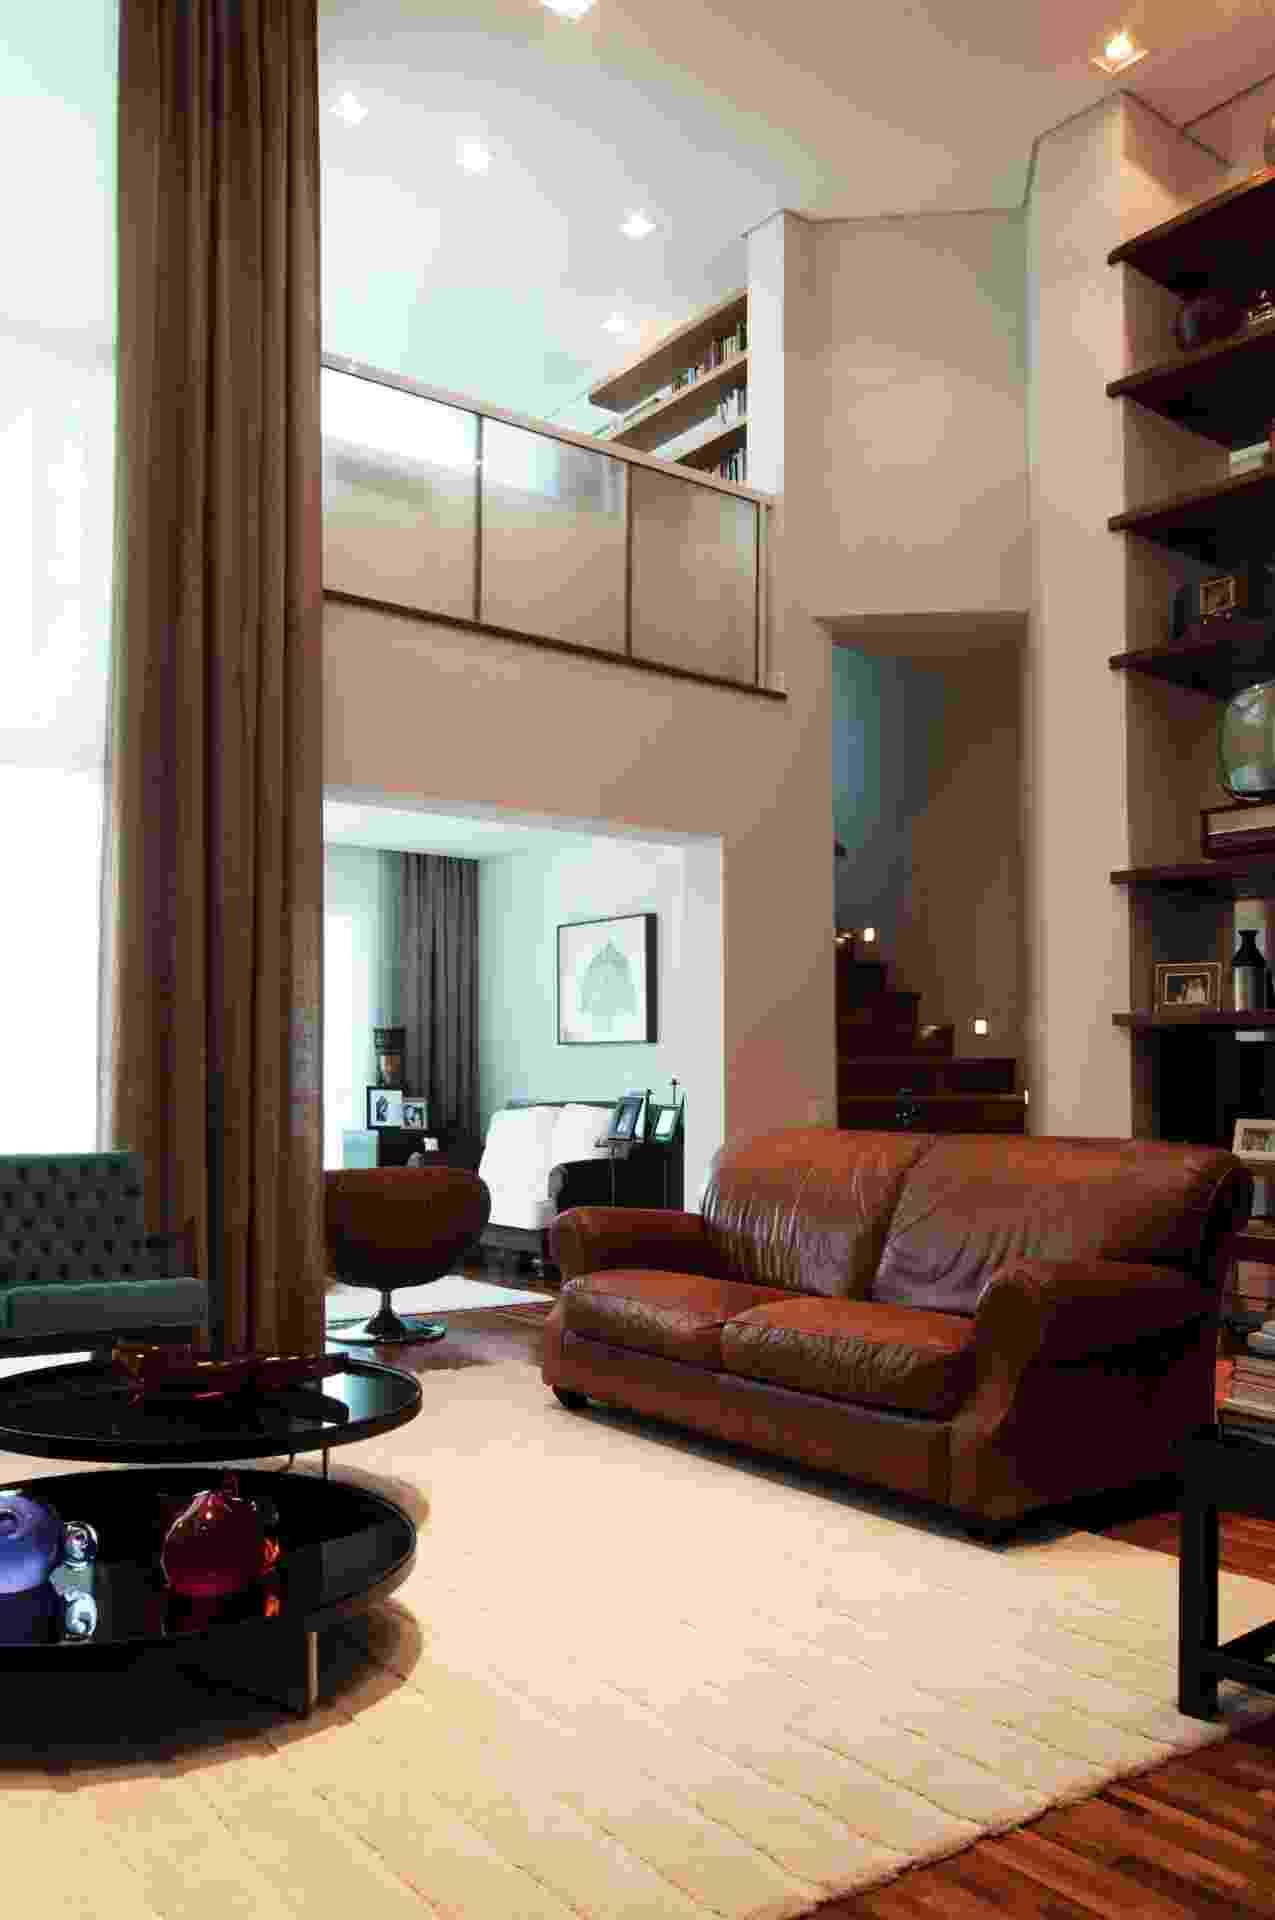 O sofá de couro é norte-americano - herança de avós - e foi escolhido para compor a sala do apartamento Itapaiuna II, projetado por Crisa Santos. Por ser liso, o móvel fica de frente para a parede repleta de máscaras, realçada por um segundo sofá revestido em veludo étnico. As duas mesas de centro (Dpot) são pretas e, nos fundos (à dir.), há uma escada leva ao escritório do mezanino. No mesmo nível do living, uma sala de leitura é separada deste ambiente por uma cadeira oval giratória (Saccaro) - Luxas Fonseca/ Divulgação